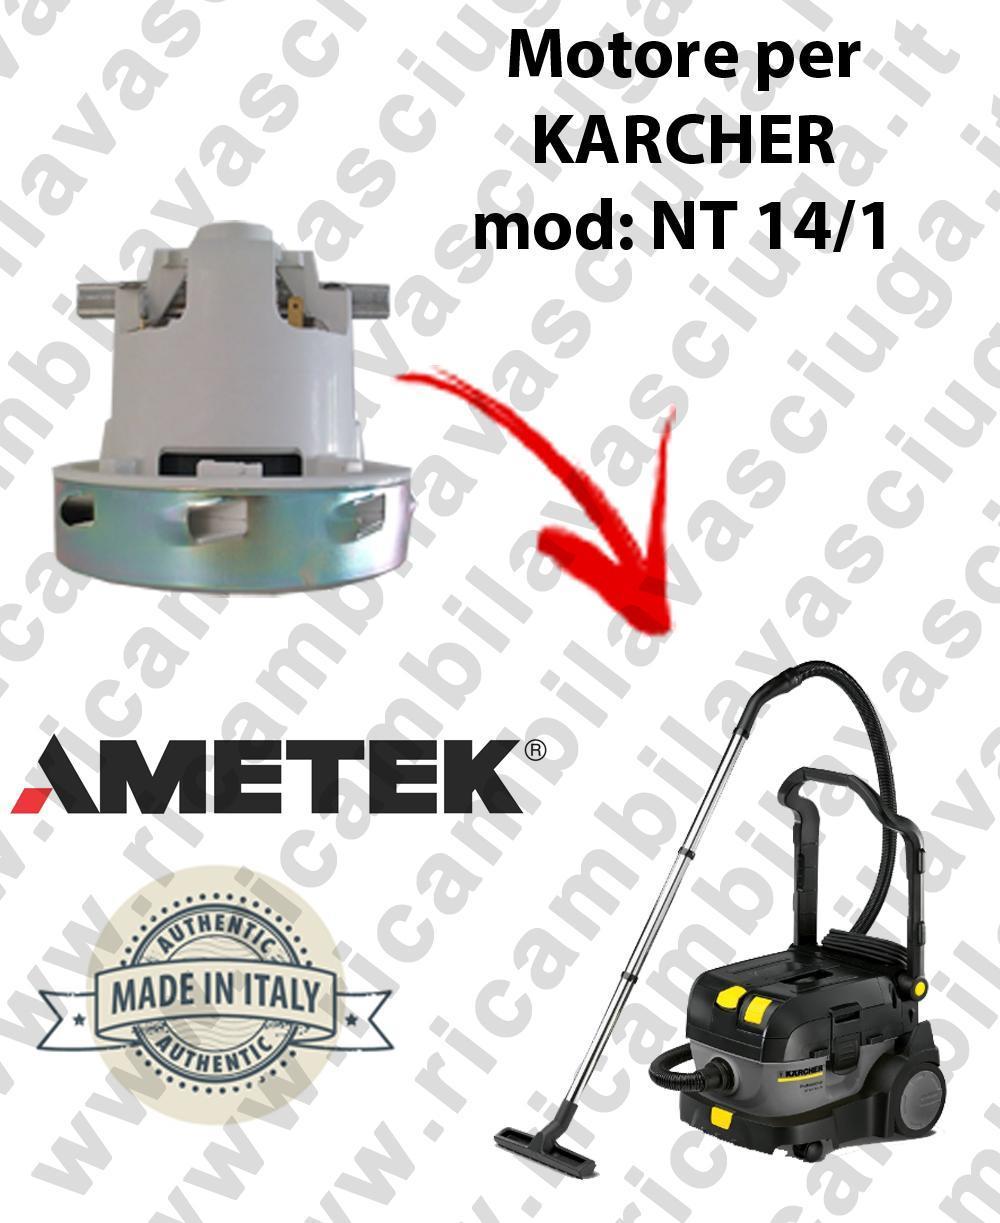 NT 14/1 Saugmotor AMETEK für Staubsauger KARCHER